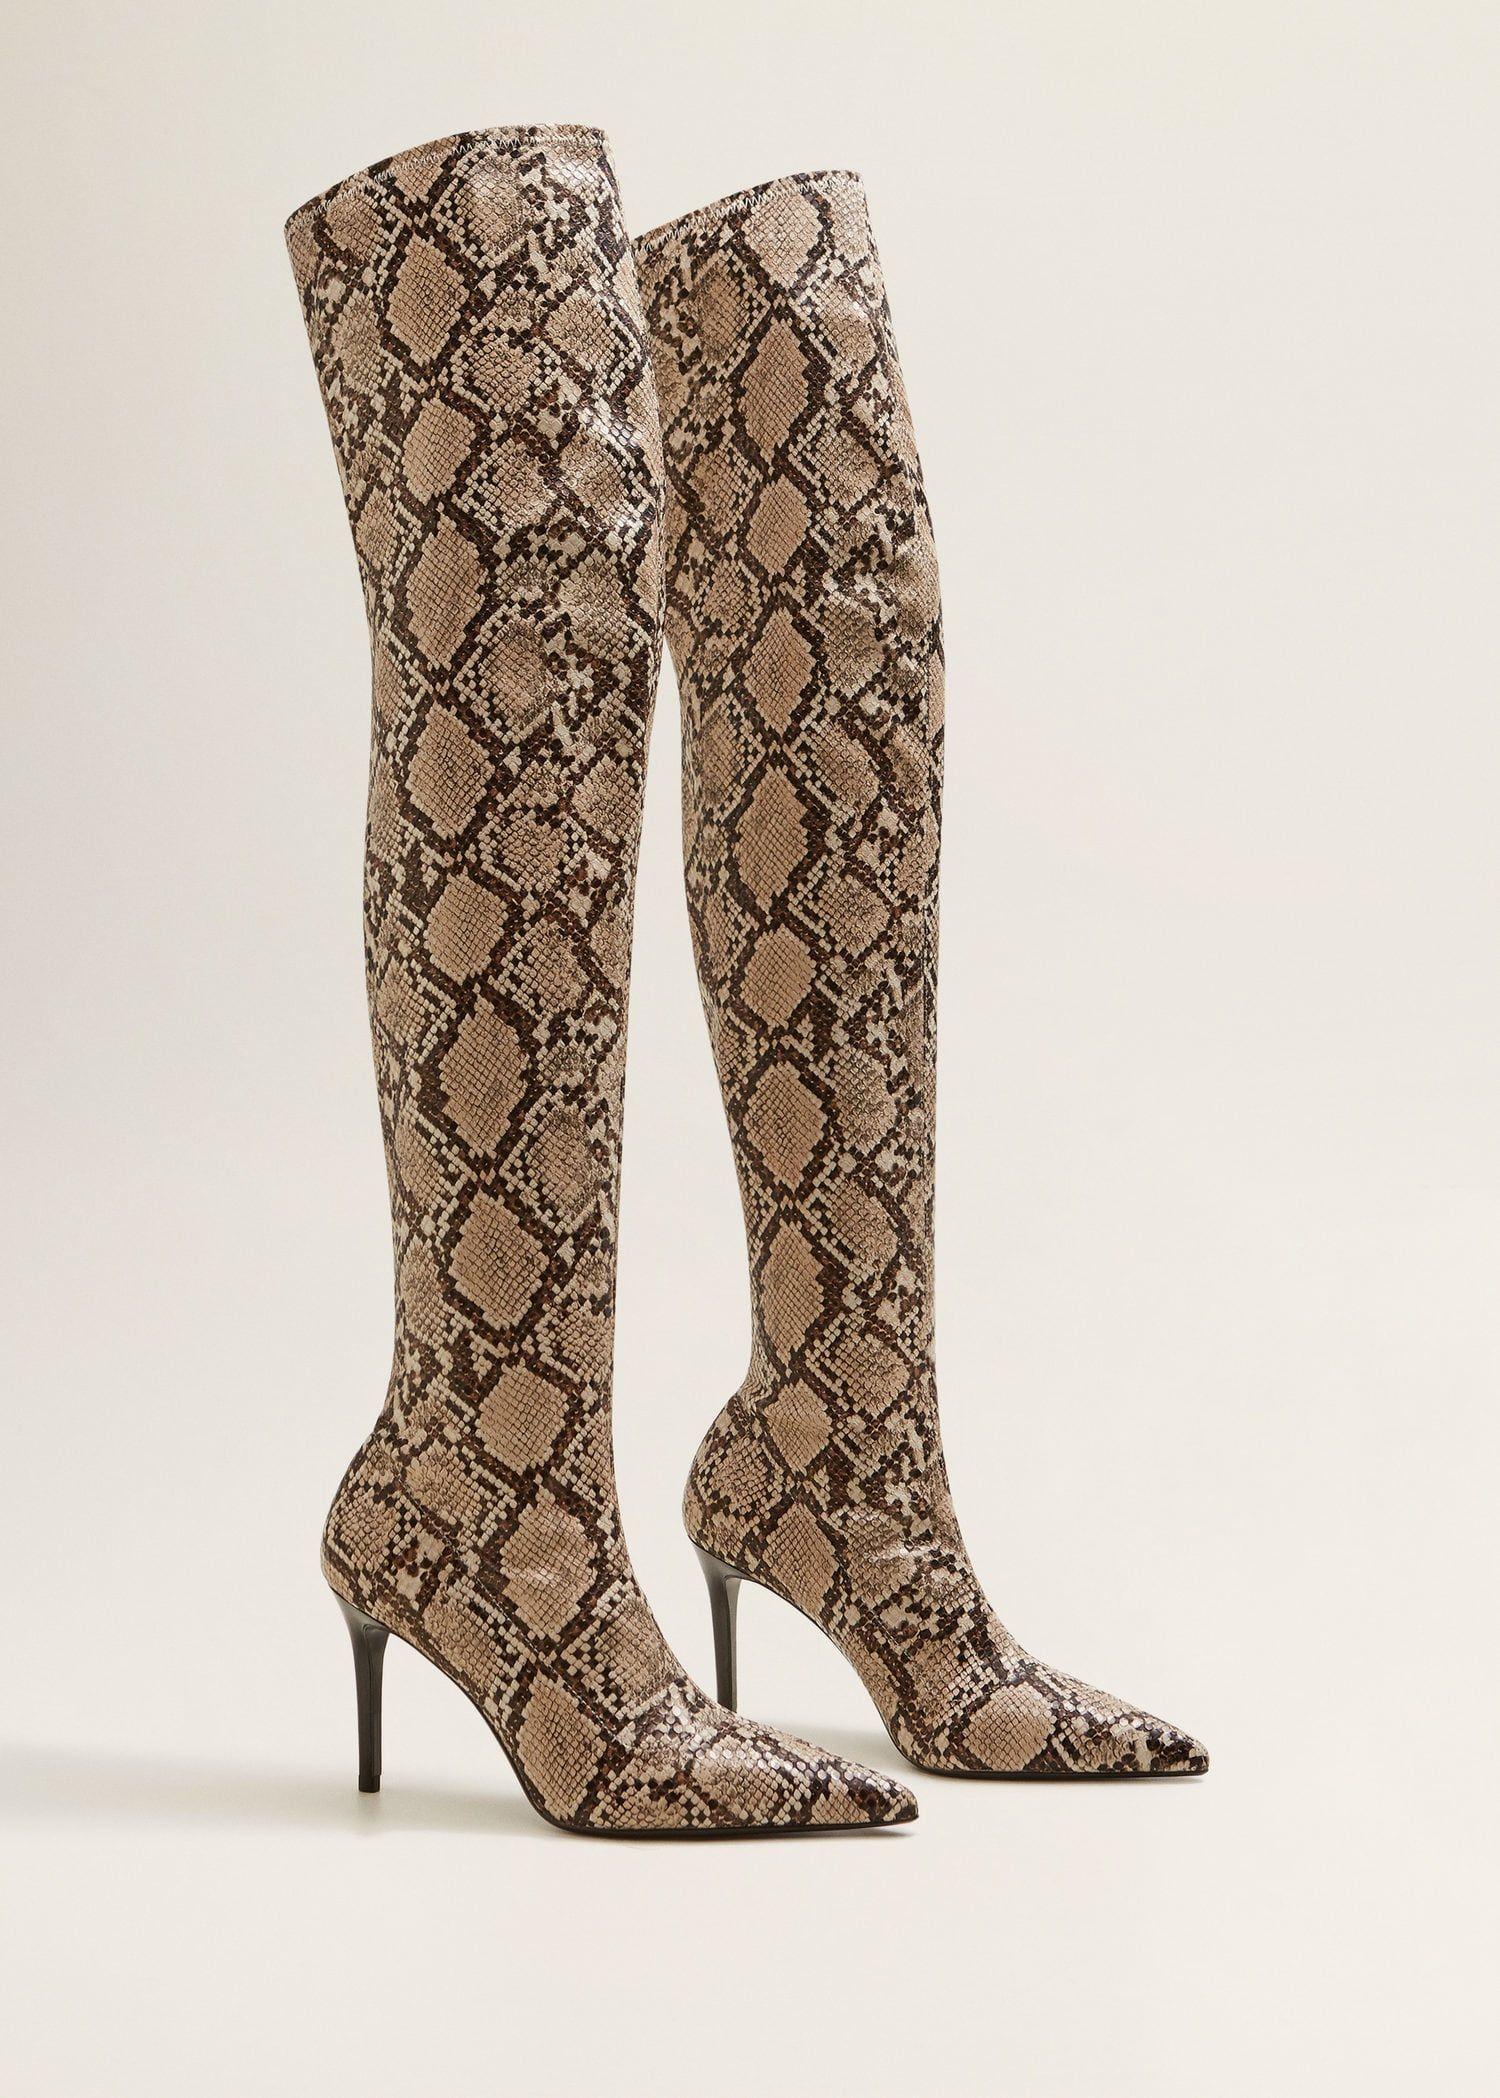 abbb8319025 Snake effect high-leg boots - Women